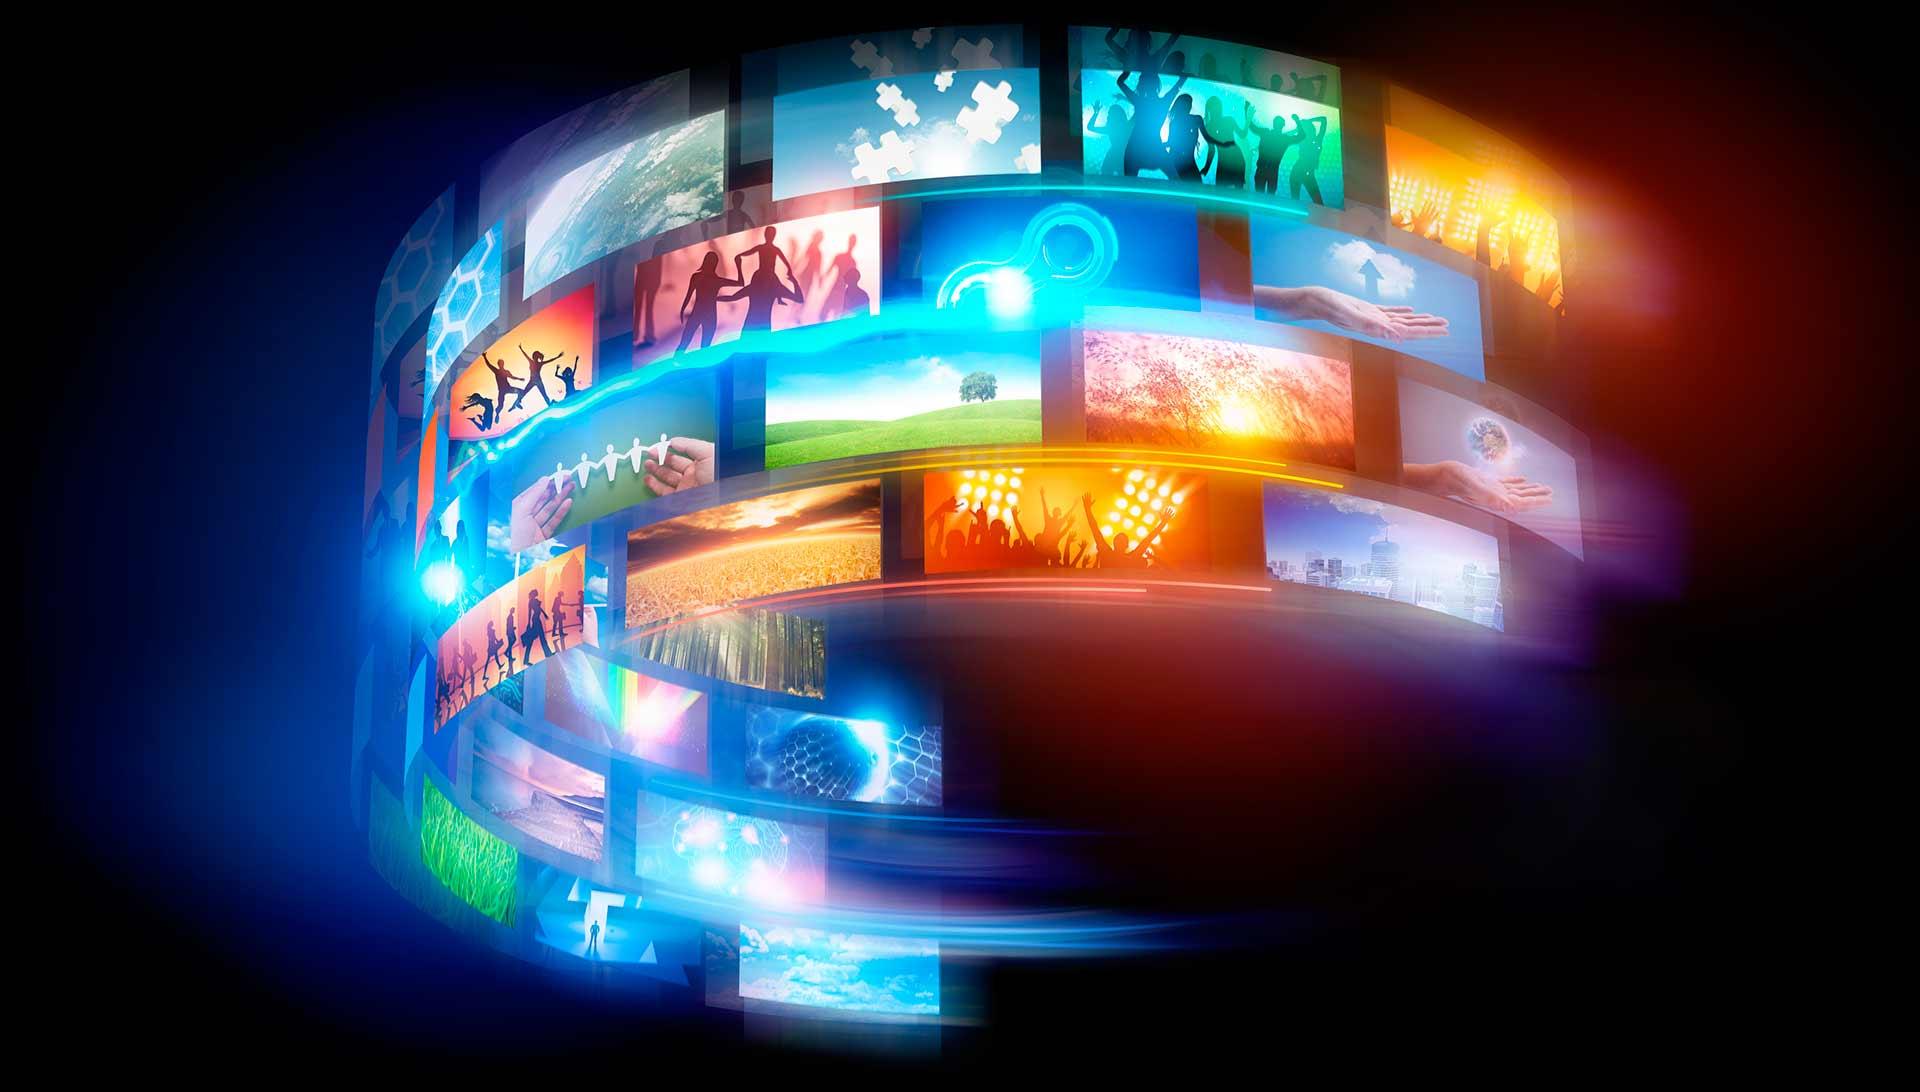 El vídeo marketing como una de las tendencias en eCommerce para 2018 más prometedoras